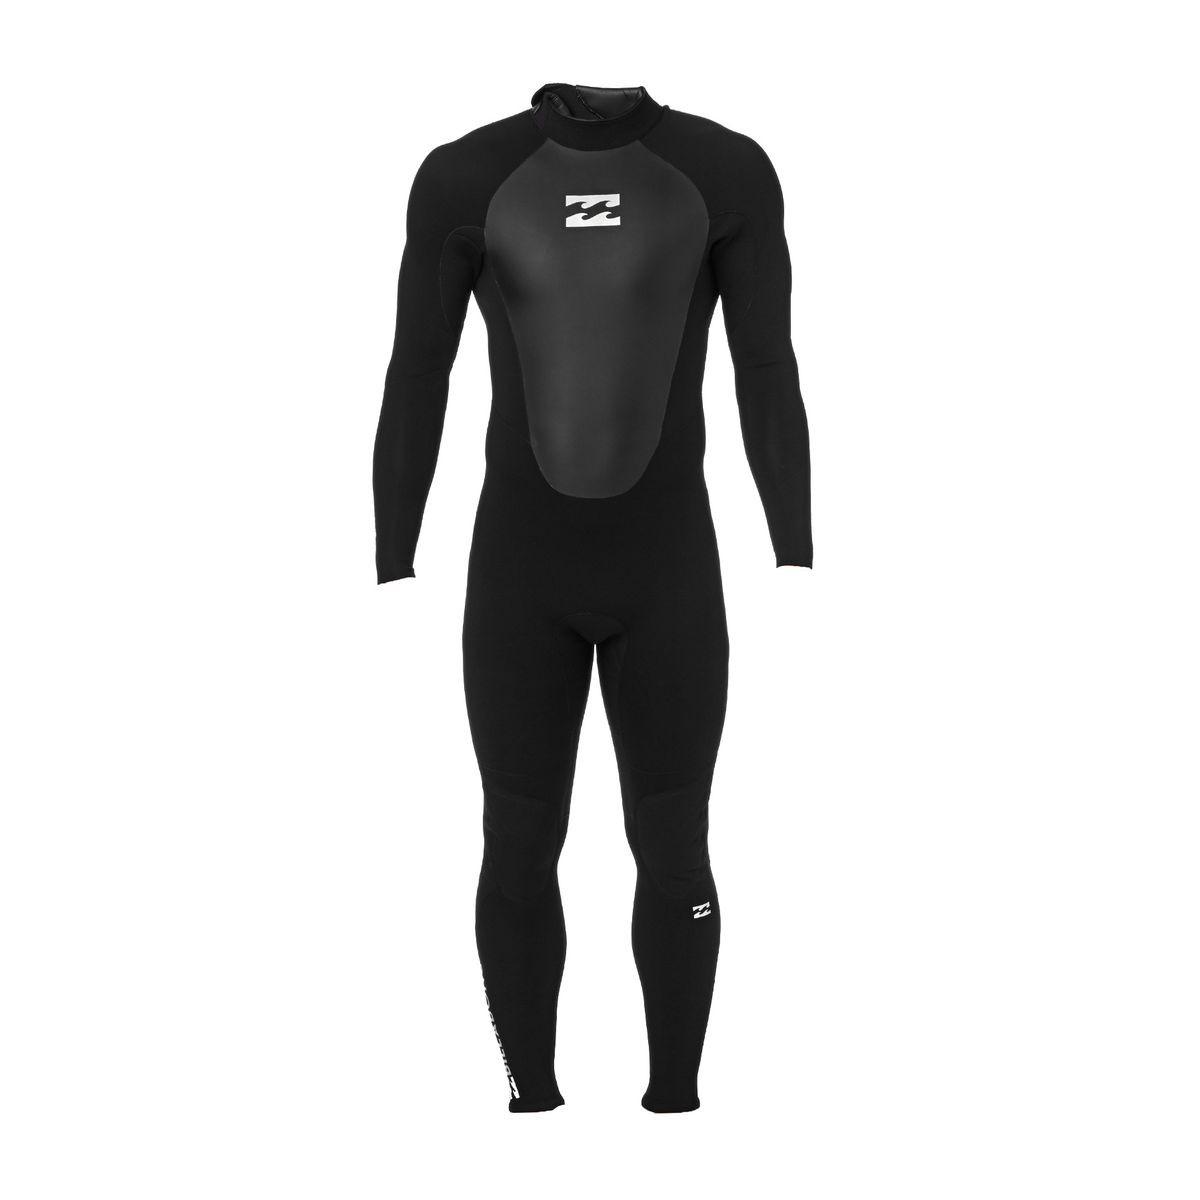 Billabong Intruder 3/2mm Back Zip Fl Wetsuit - Black